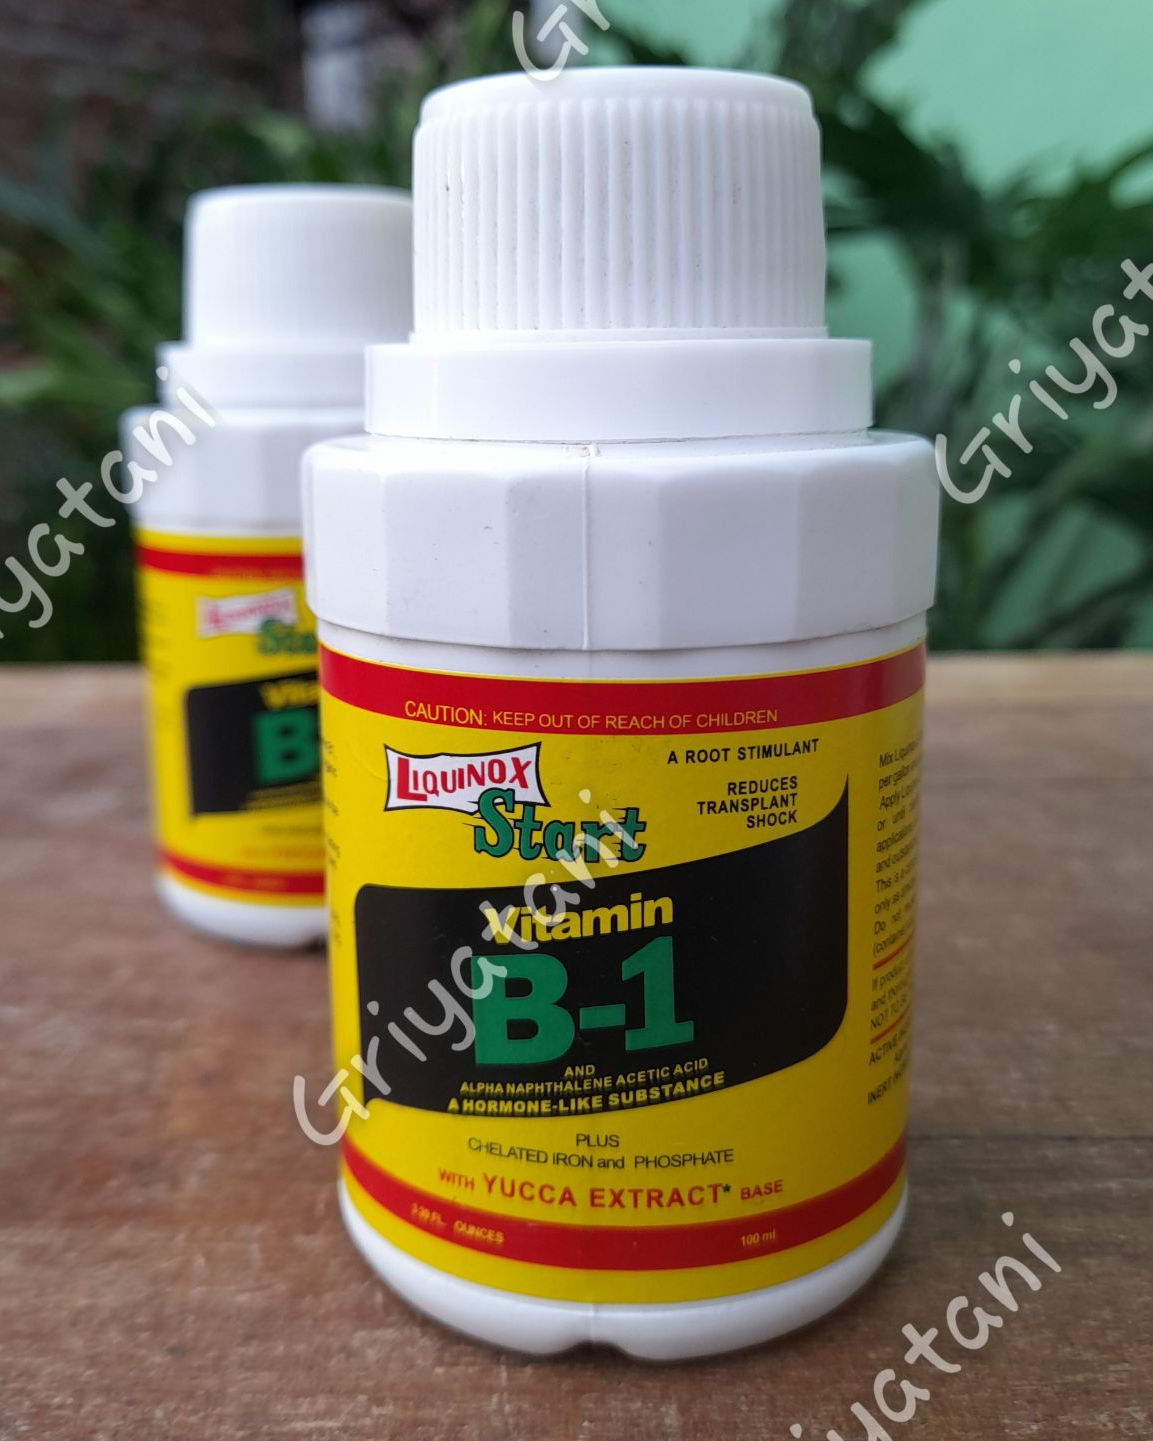 Vitamin b1 lquinox 100